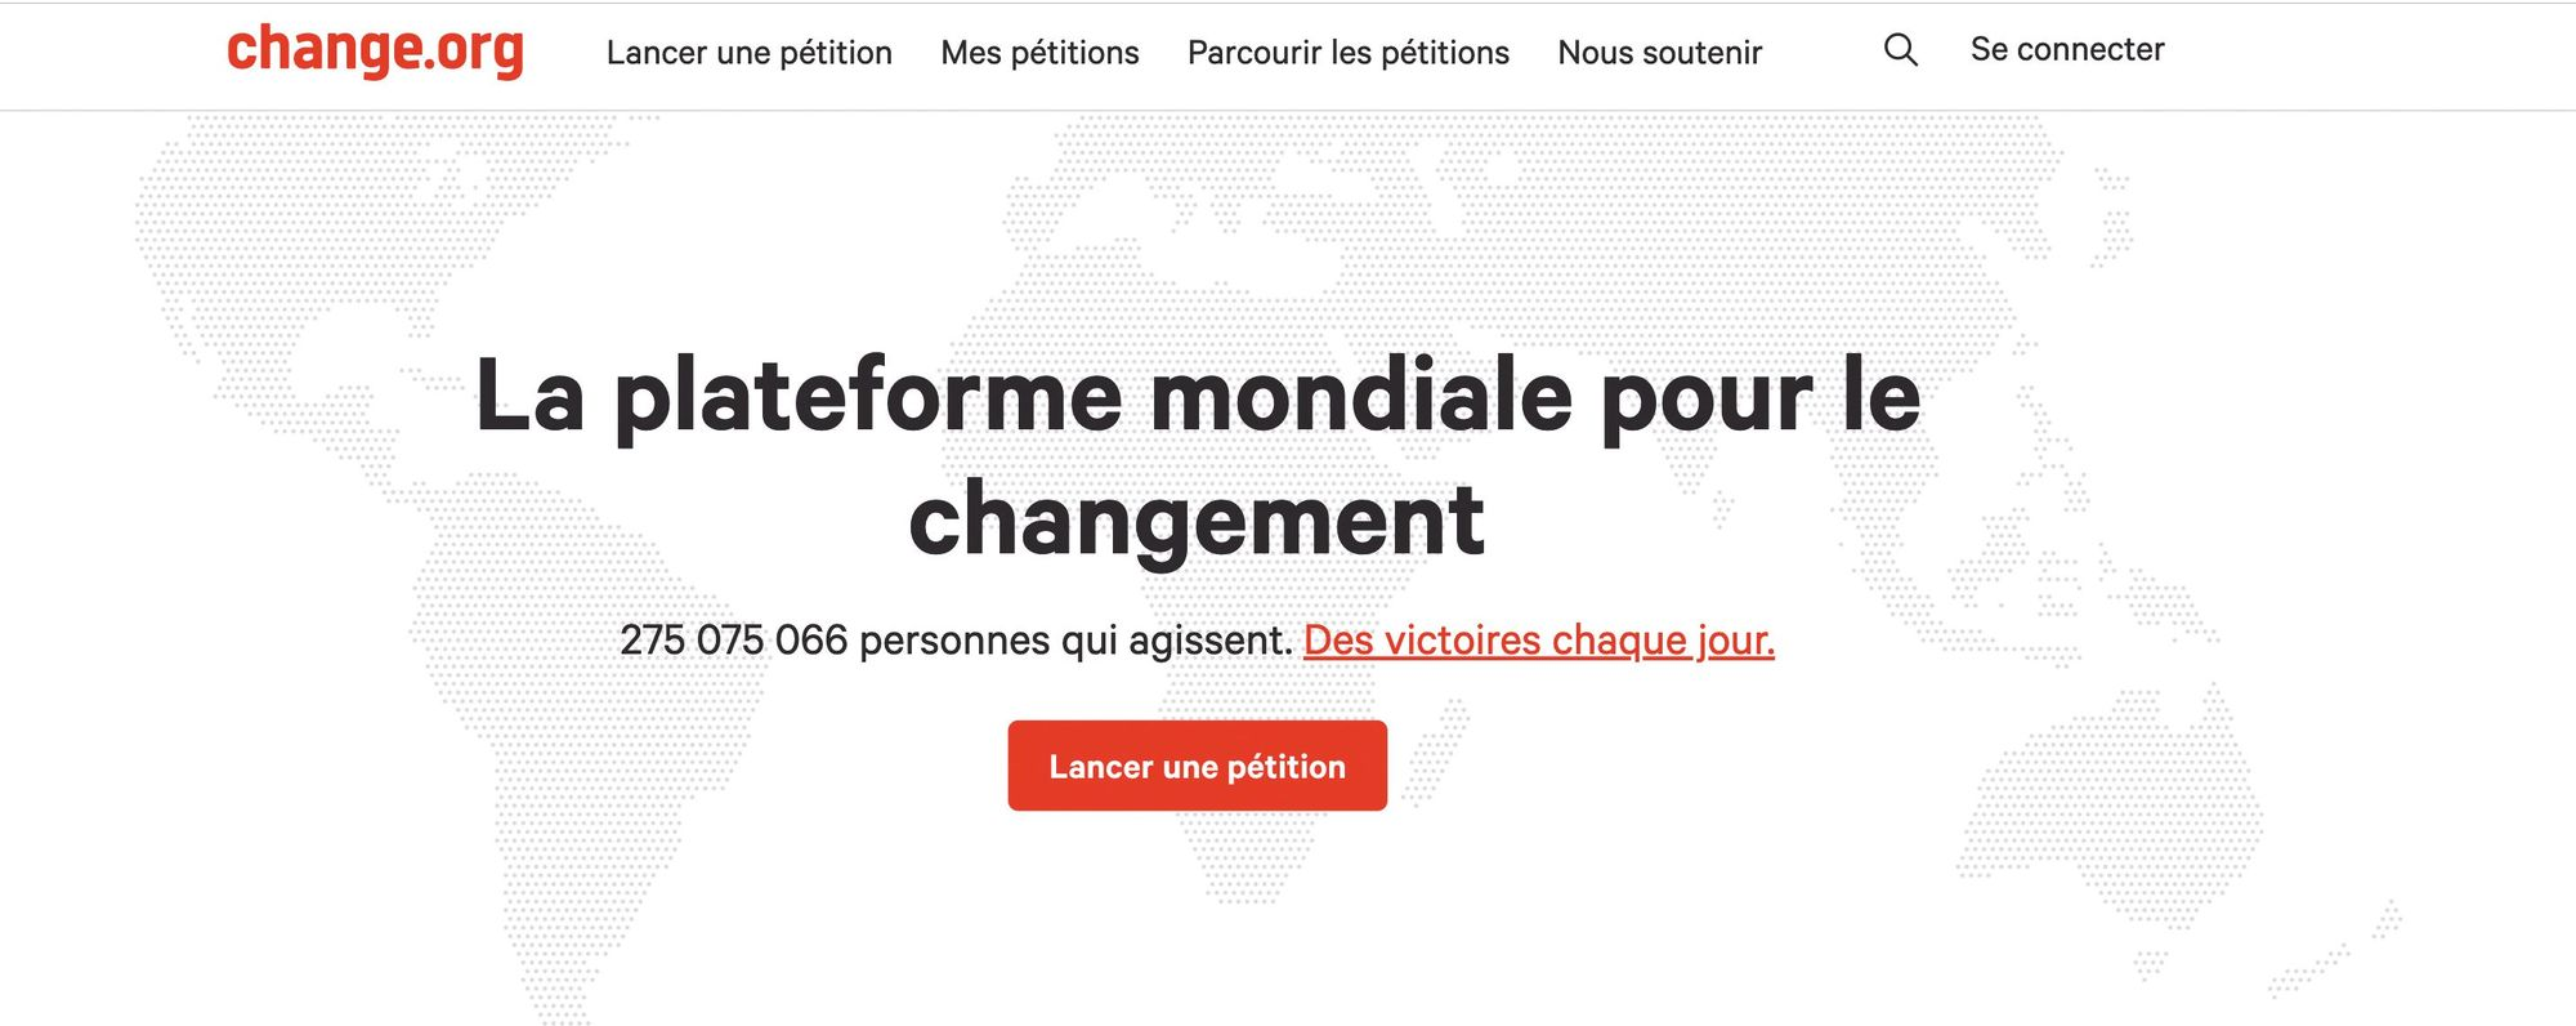 Capture d'écran du site Change.org, qui propose de créer des pétitions visibles dans le monde entier